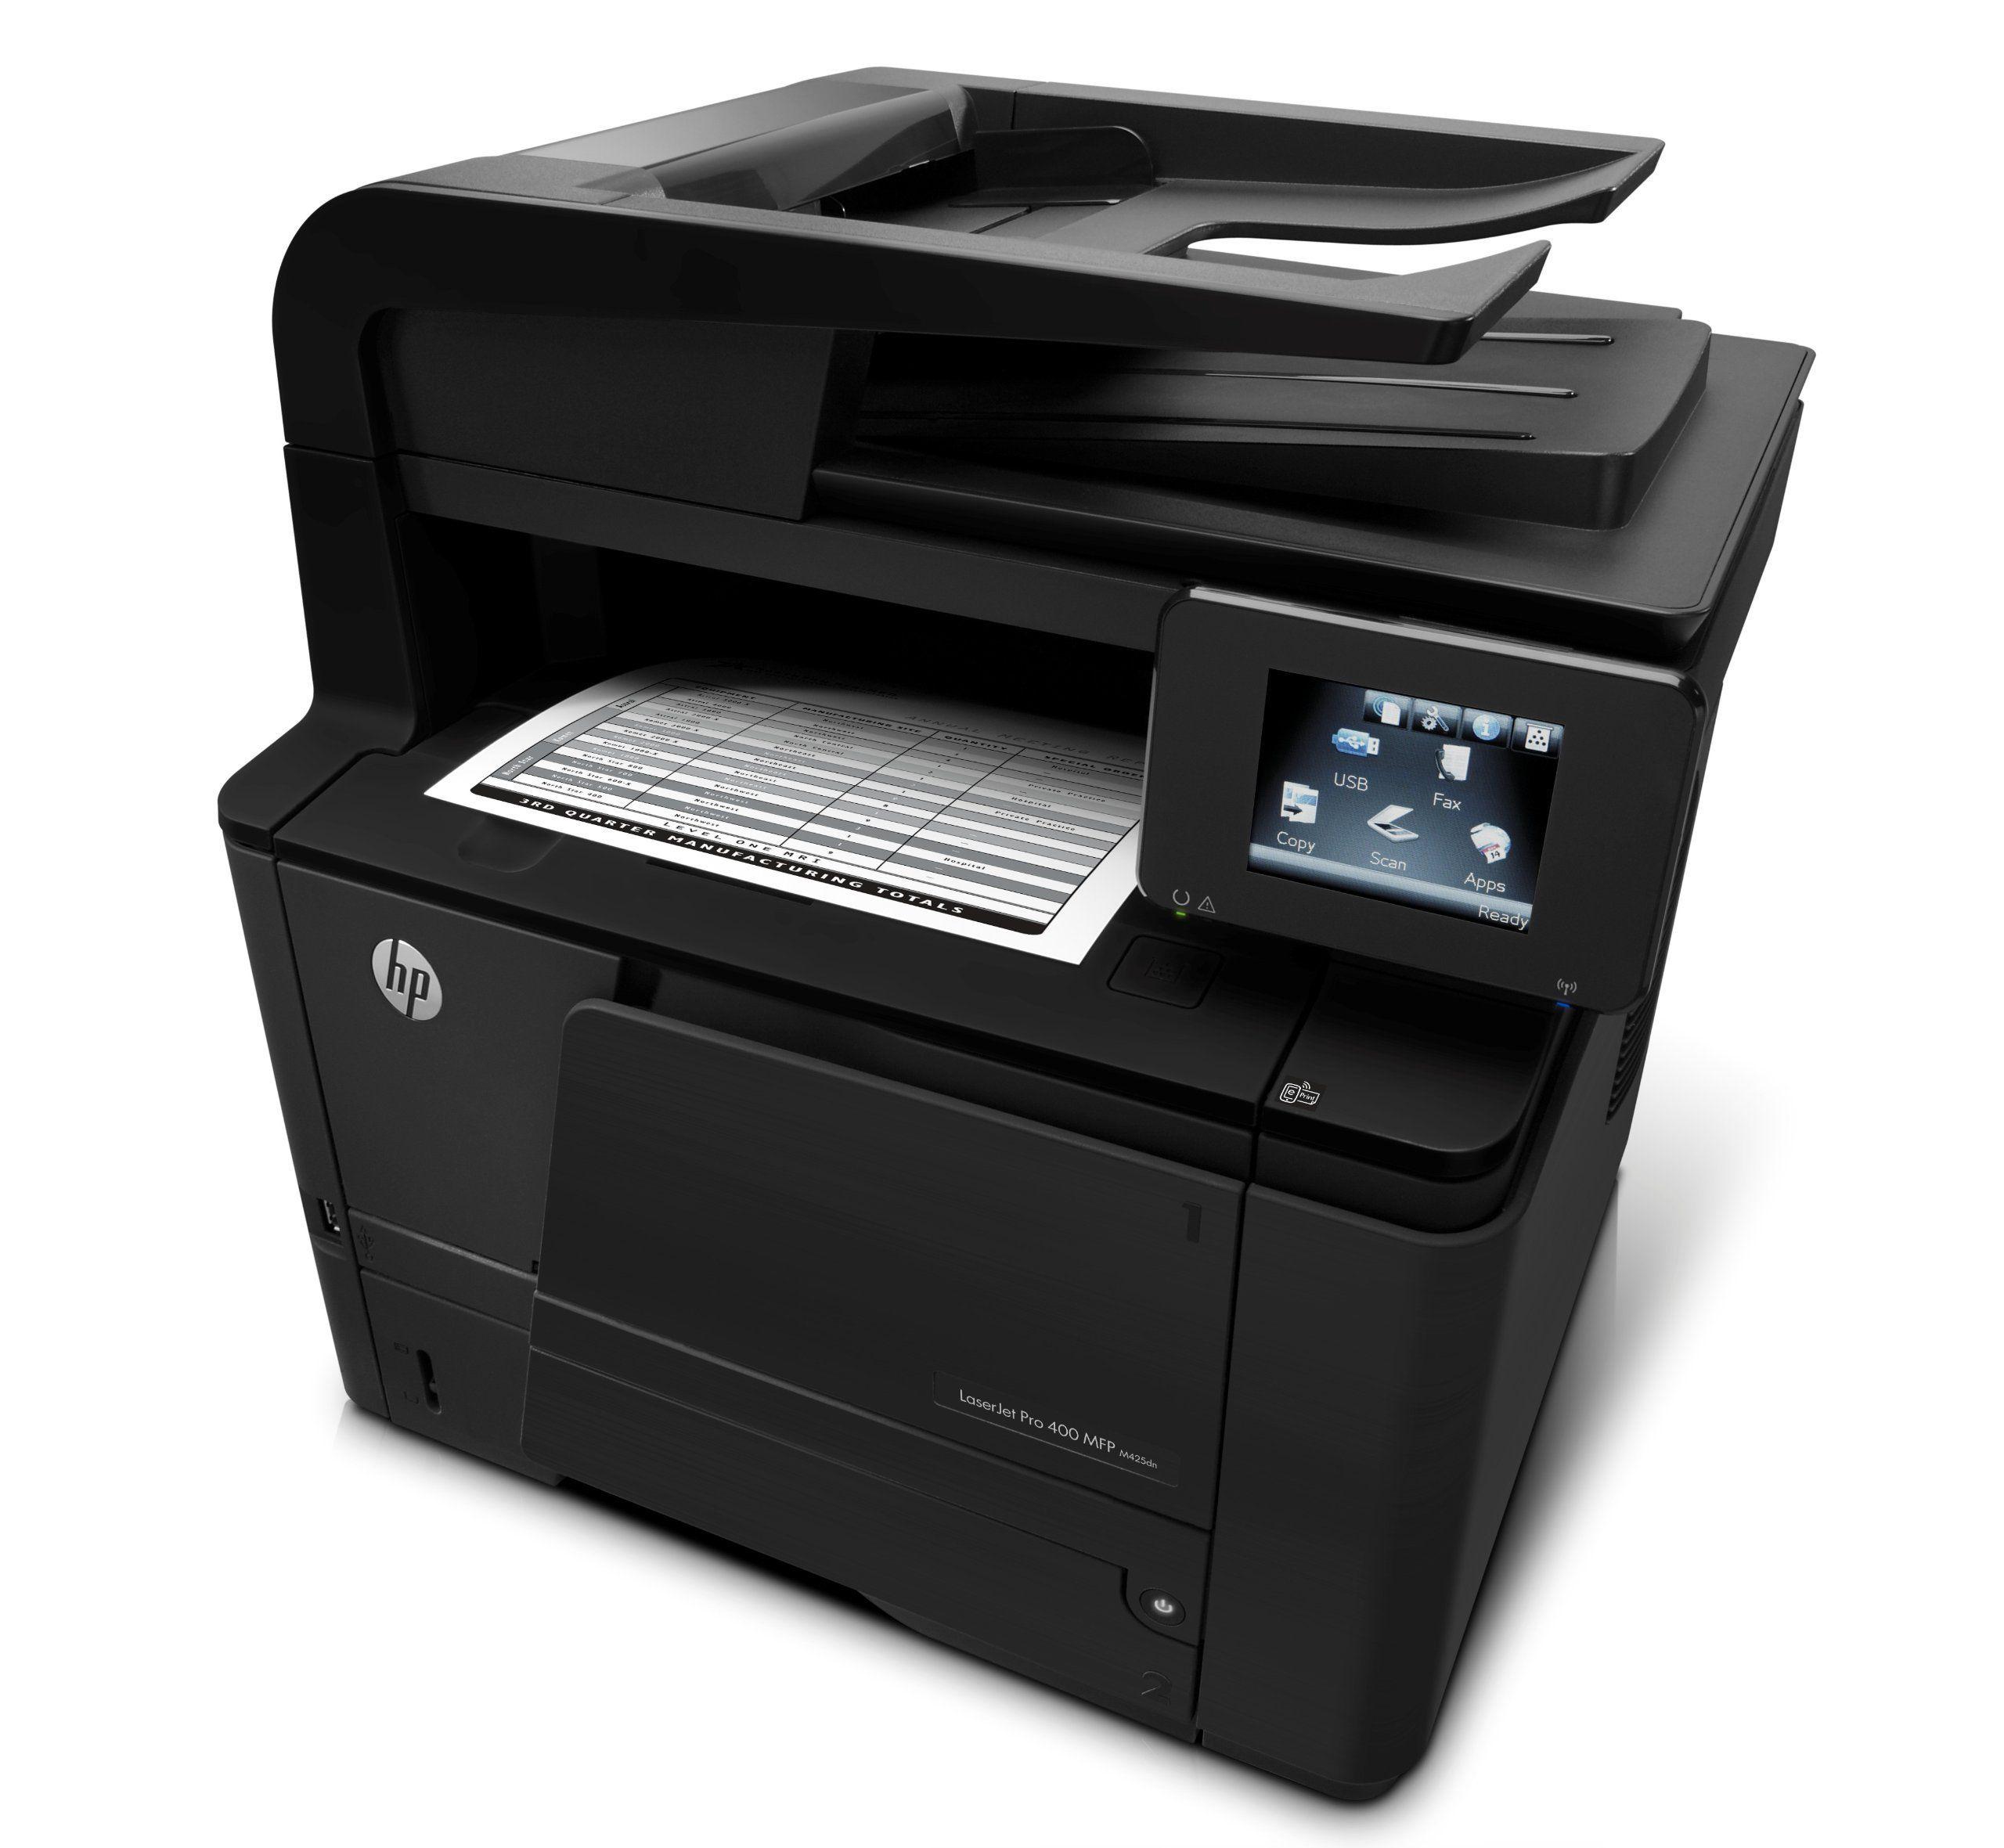 HP LaserJet Pro M425dn AllinOne Monochrome Printer